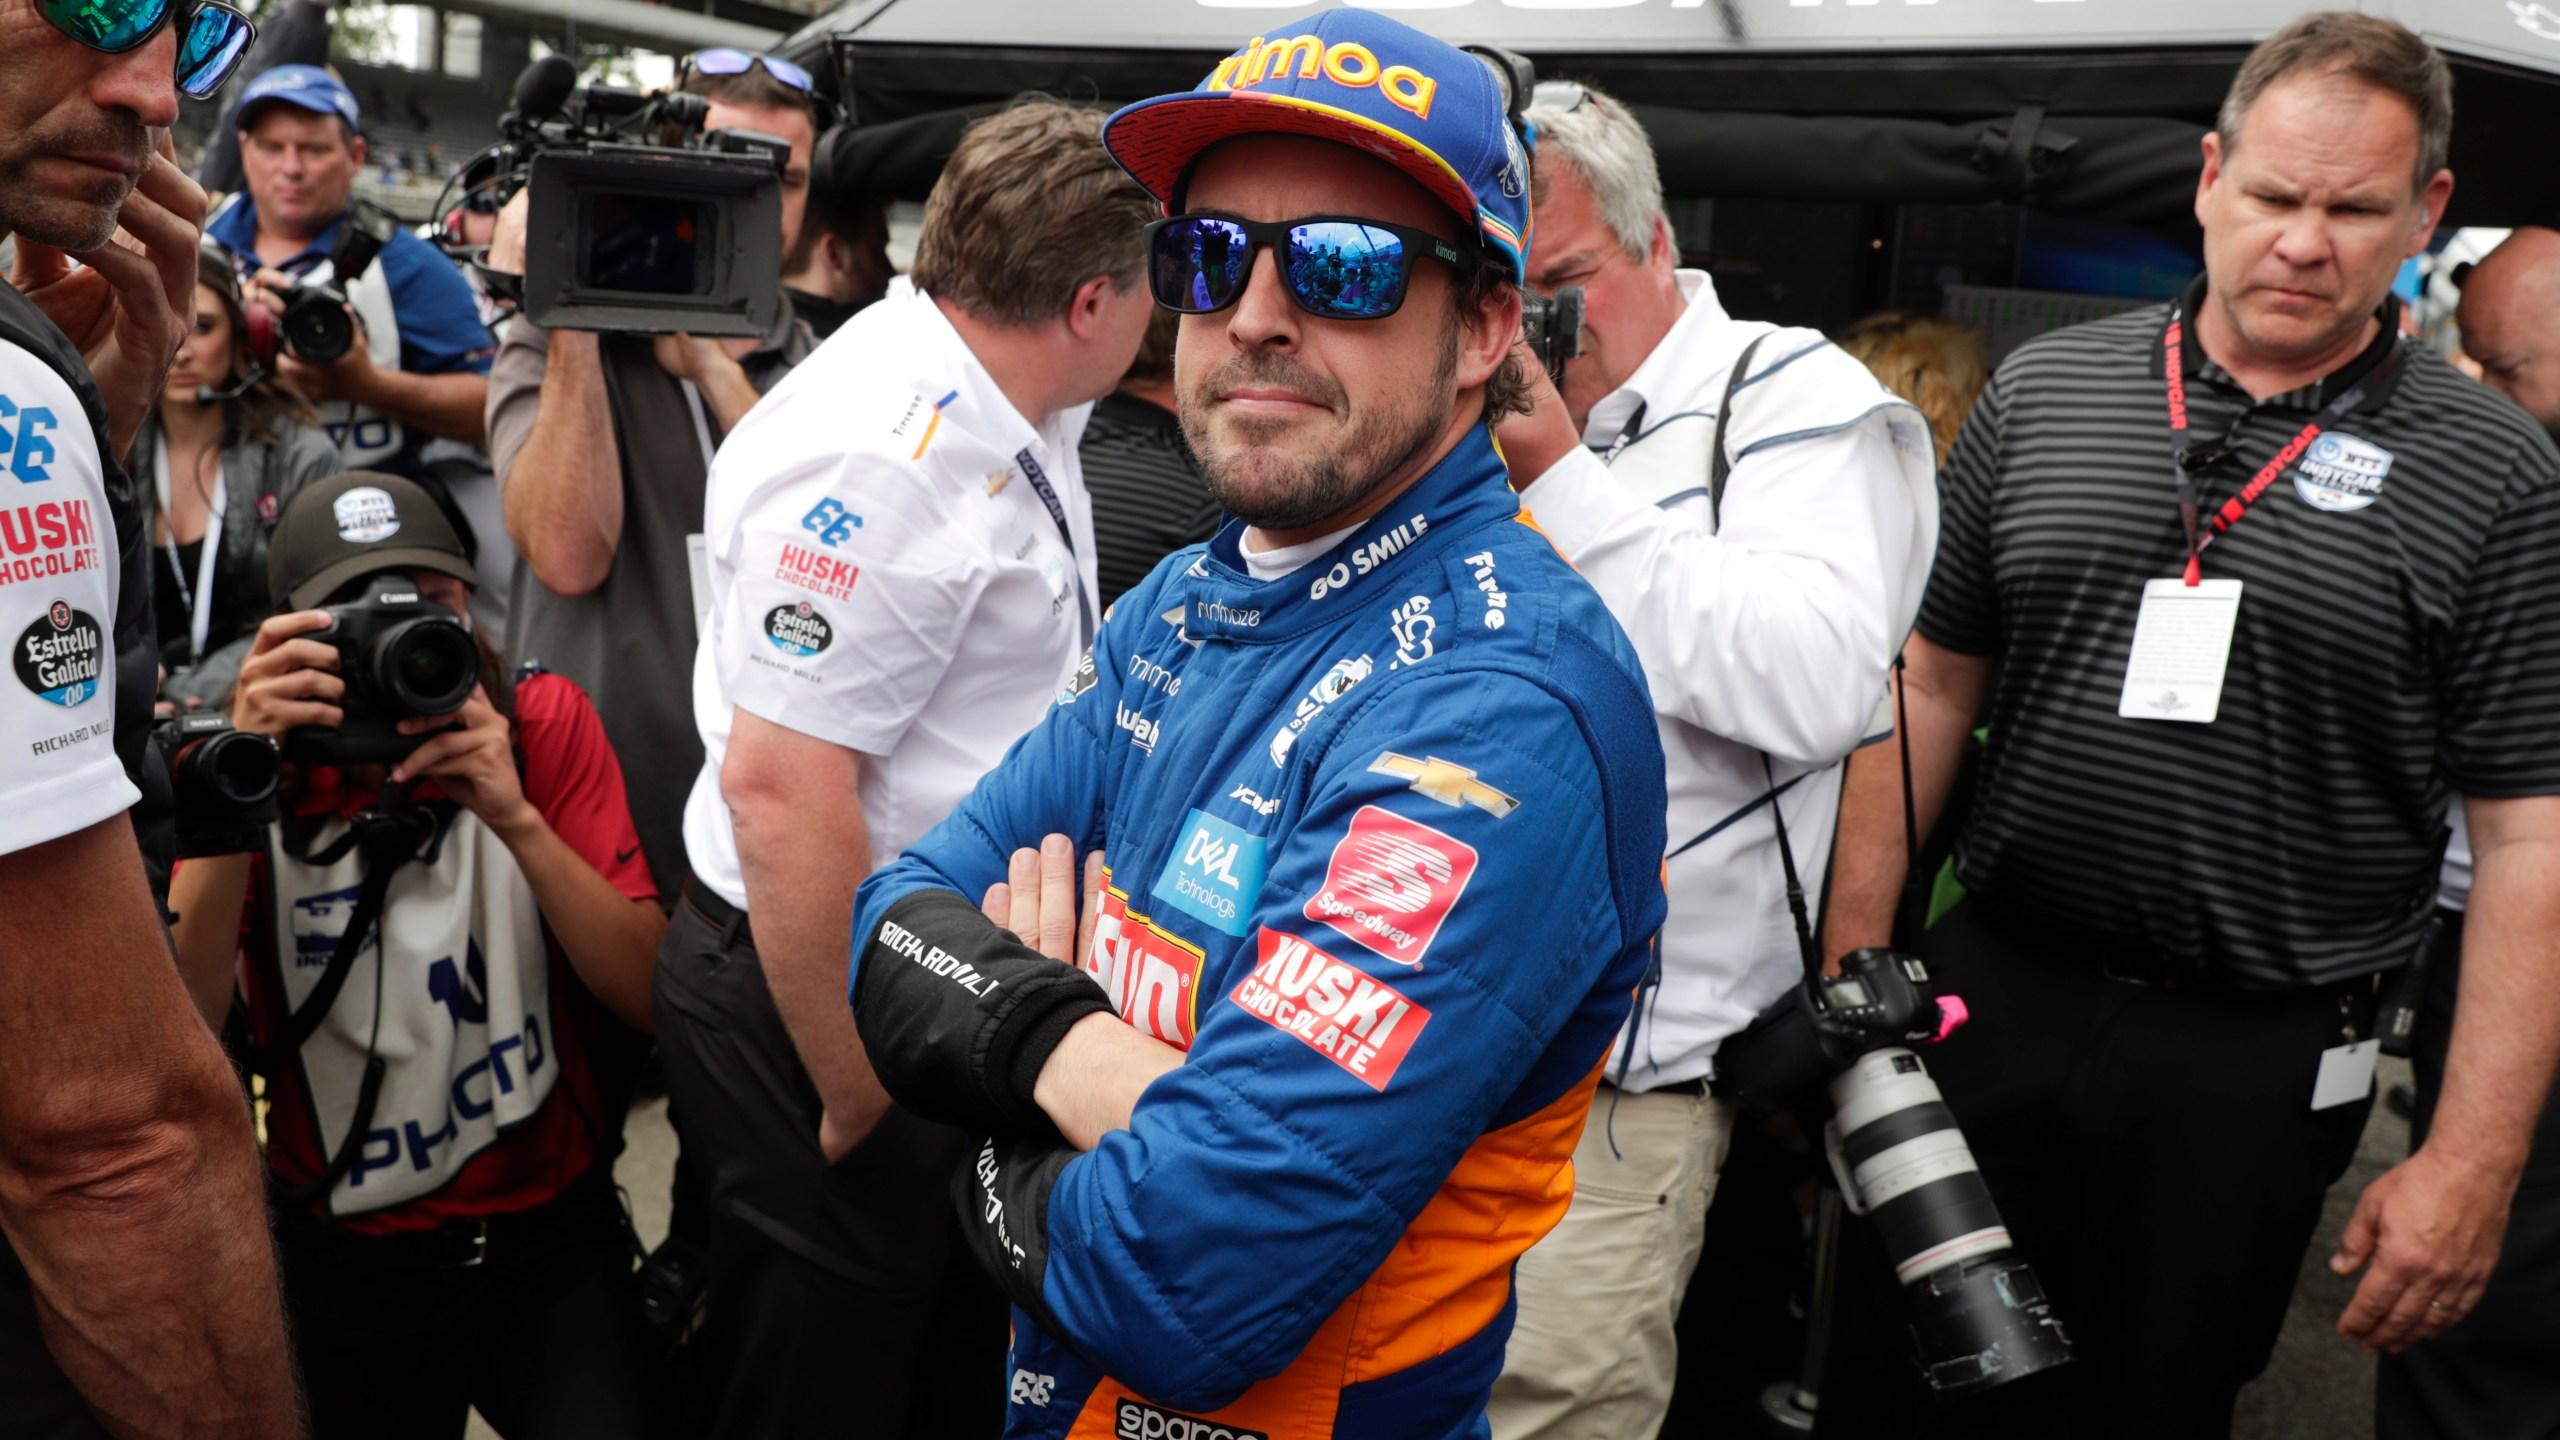 IndyCar Indy 500 Auto Racing_1558381161183